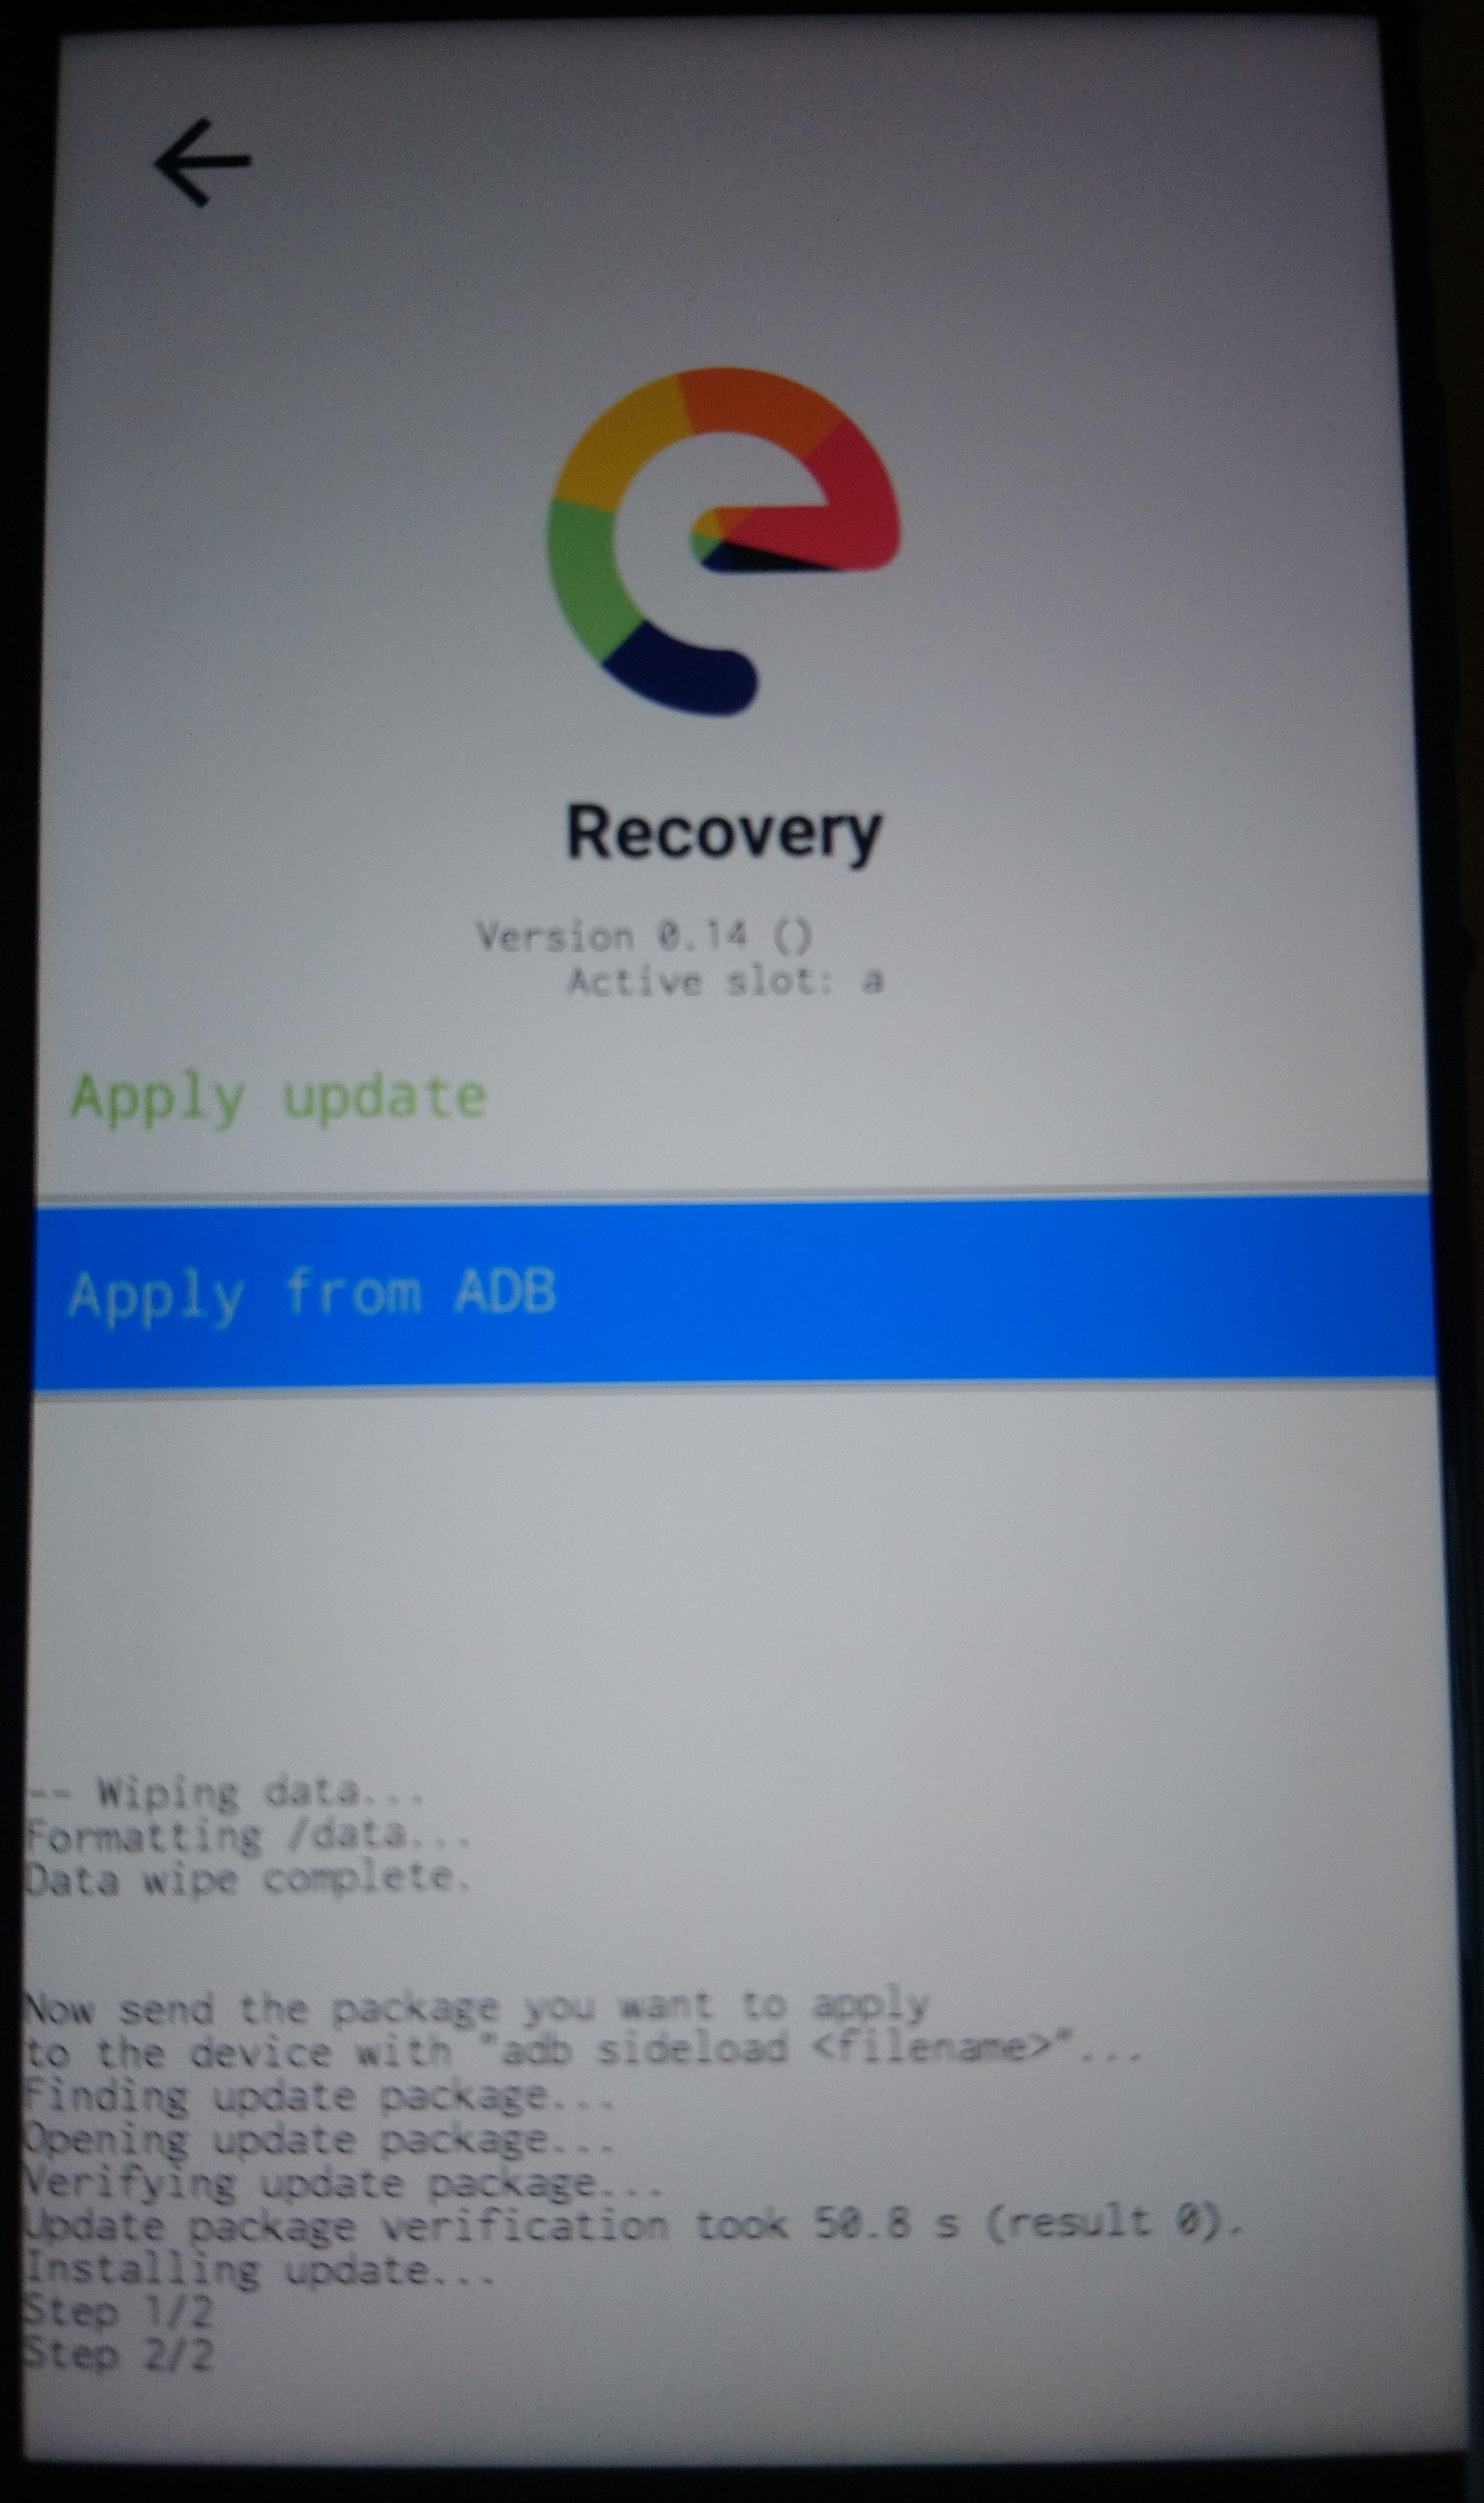 e-recovery8